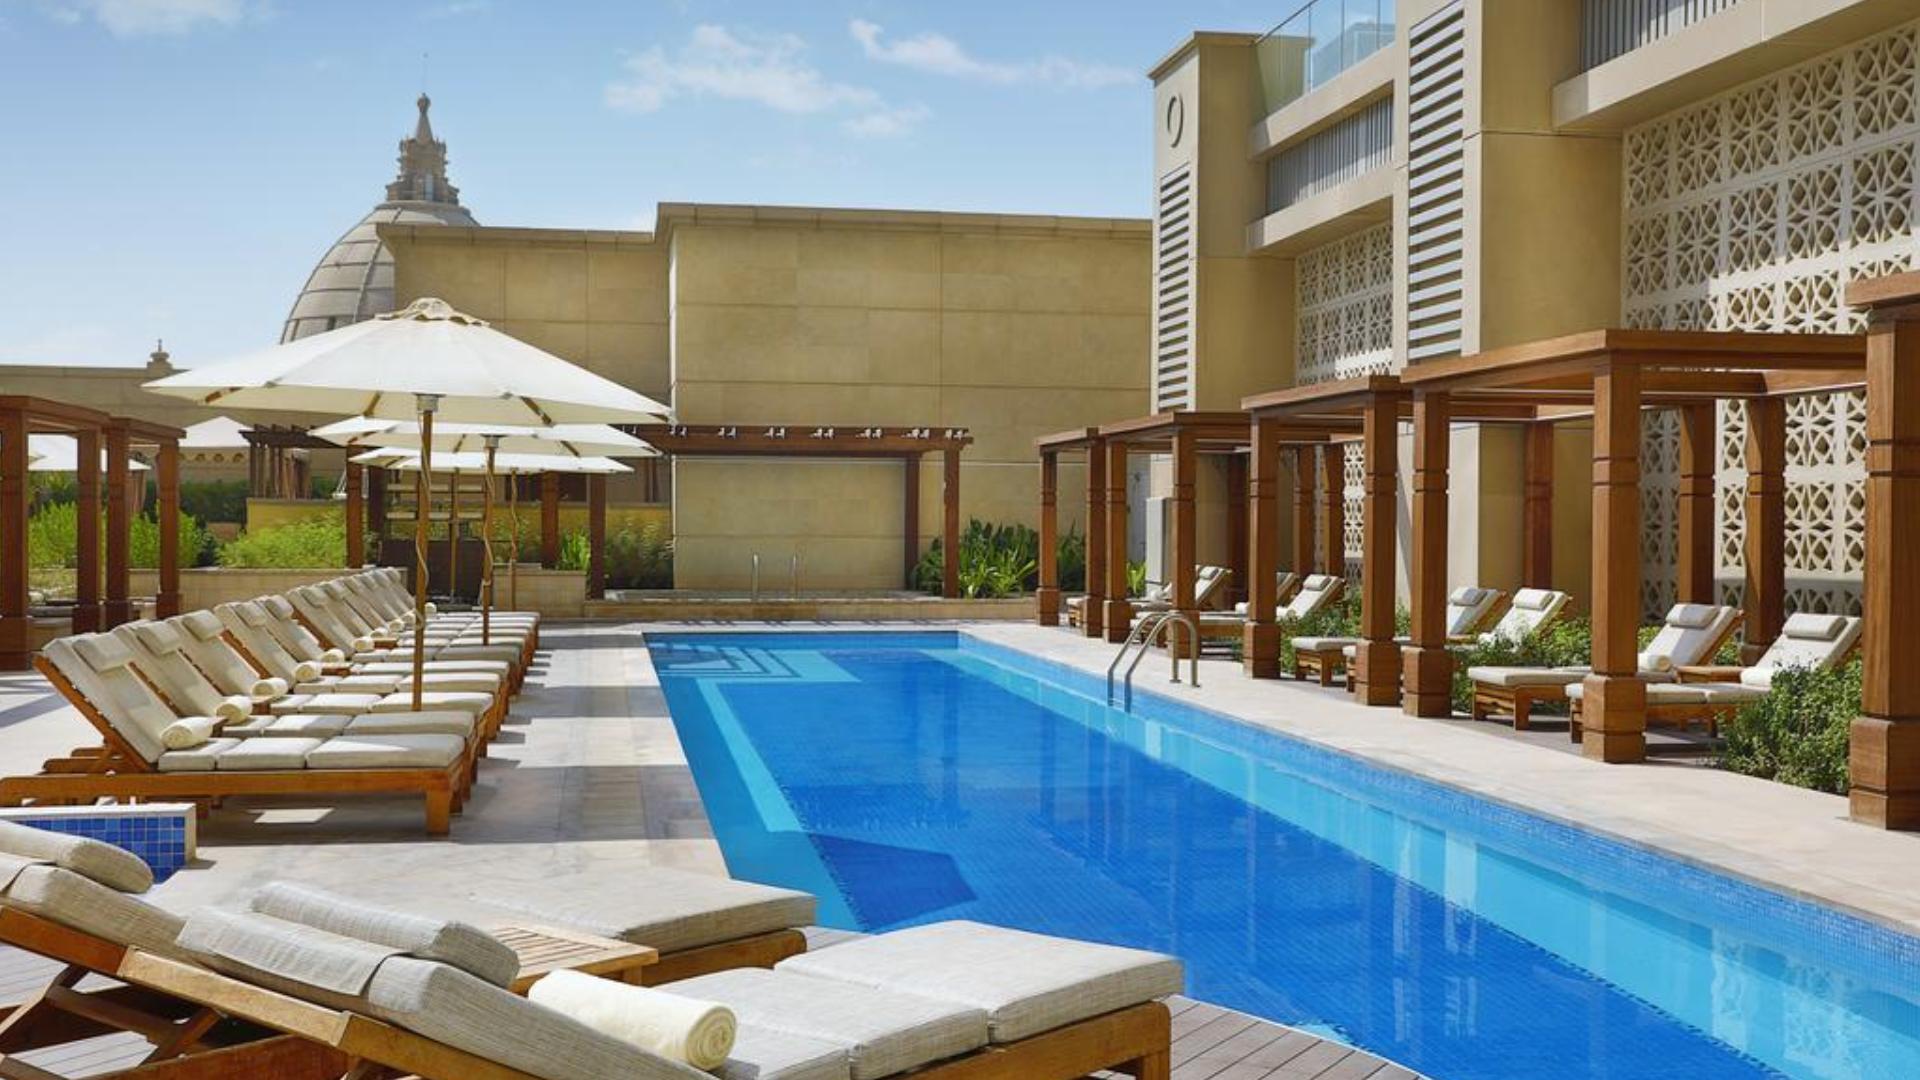 Ático en venta en Dubai, EAU, 6 dormitorios, 877 m2, № 24387 – foto 2